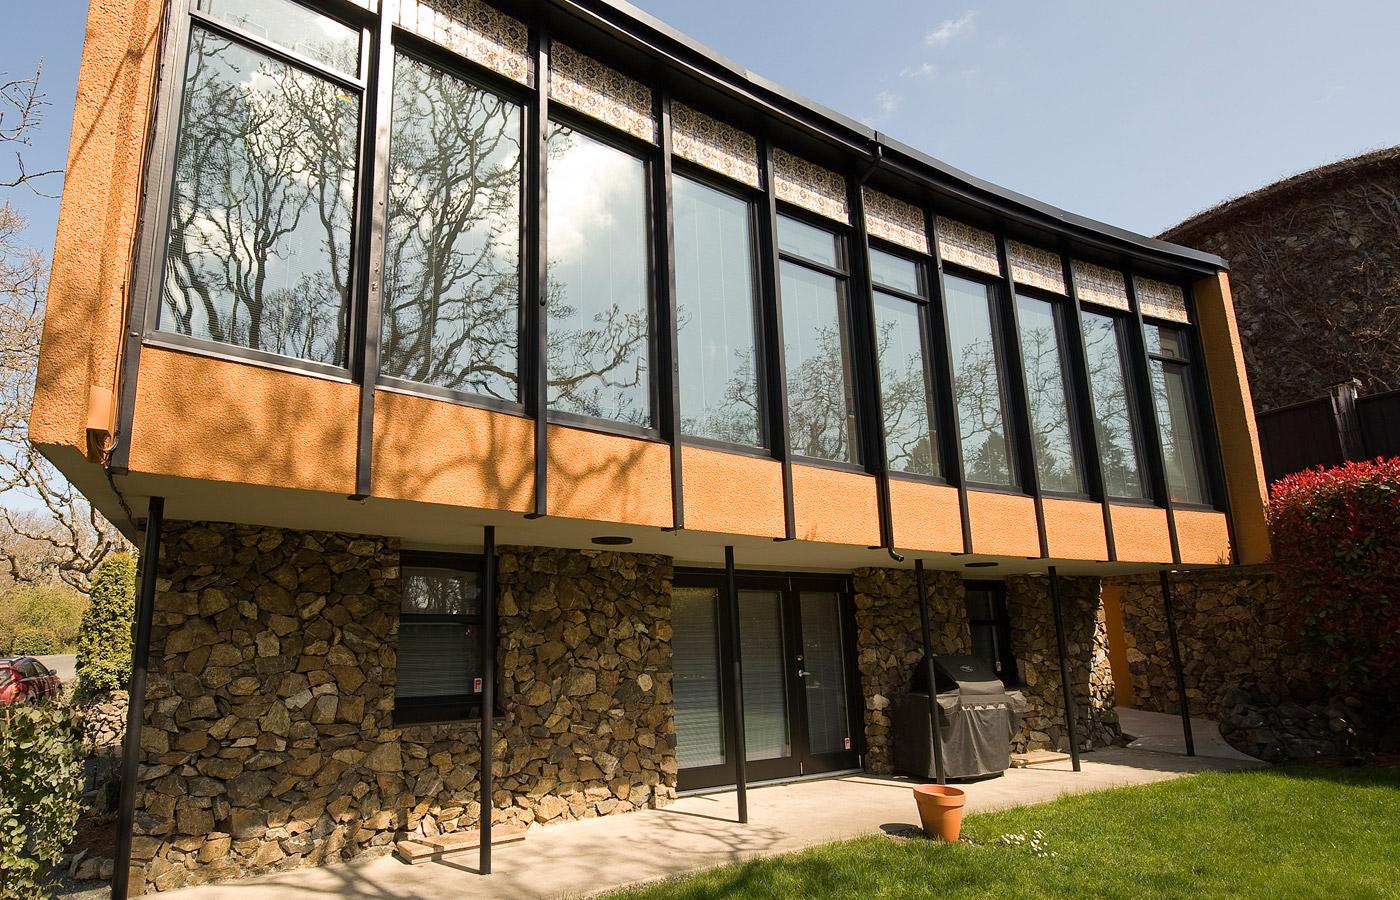 best energy efficient windows aluminum best energy efficient windows in big size plus ornament on top of the best energy efficient windows to save electricity your